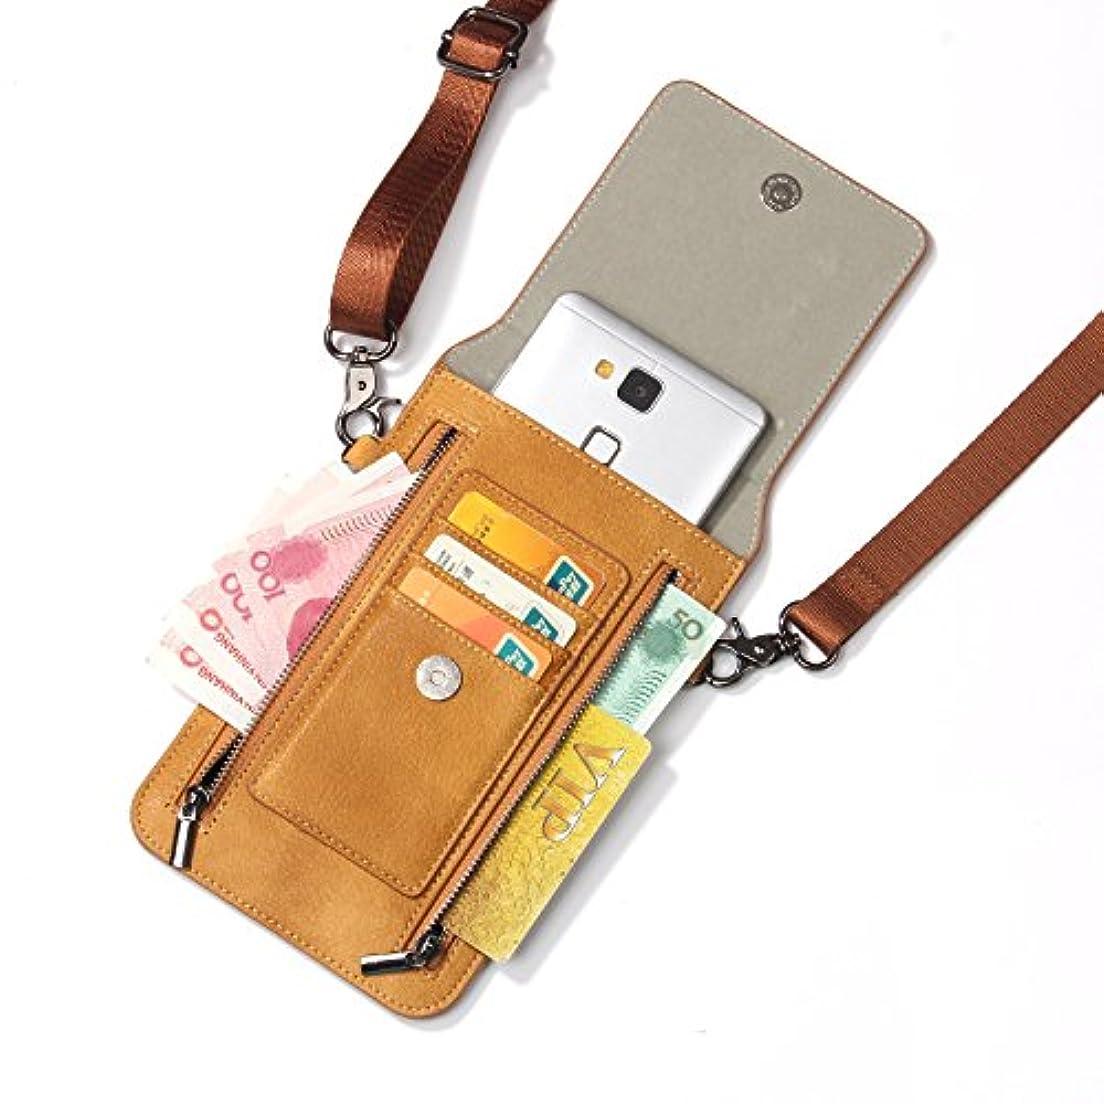 ビーム柱議論するiPhone XS Max ケース レザー INorton 多機能スマホポーチ 保護カバー 財布型 軽量 カード お金収納 ストラップ付き iPhone X /8/8Plus/7/7Plusなど6.5インチ汎用